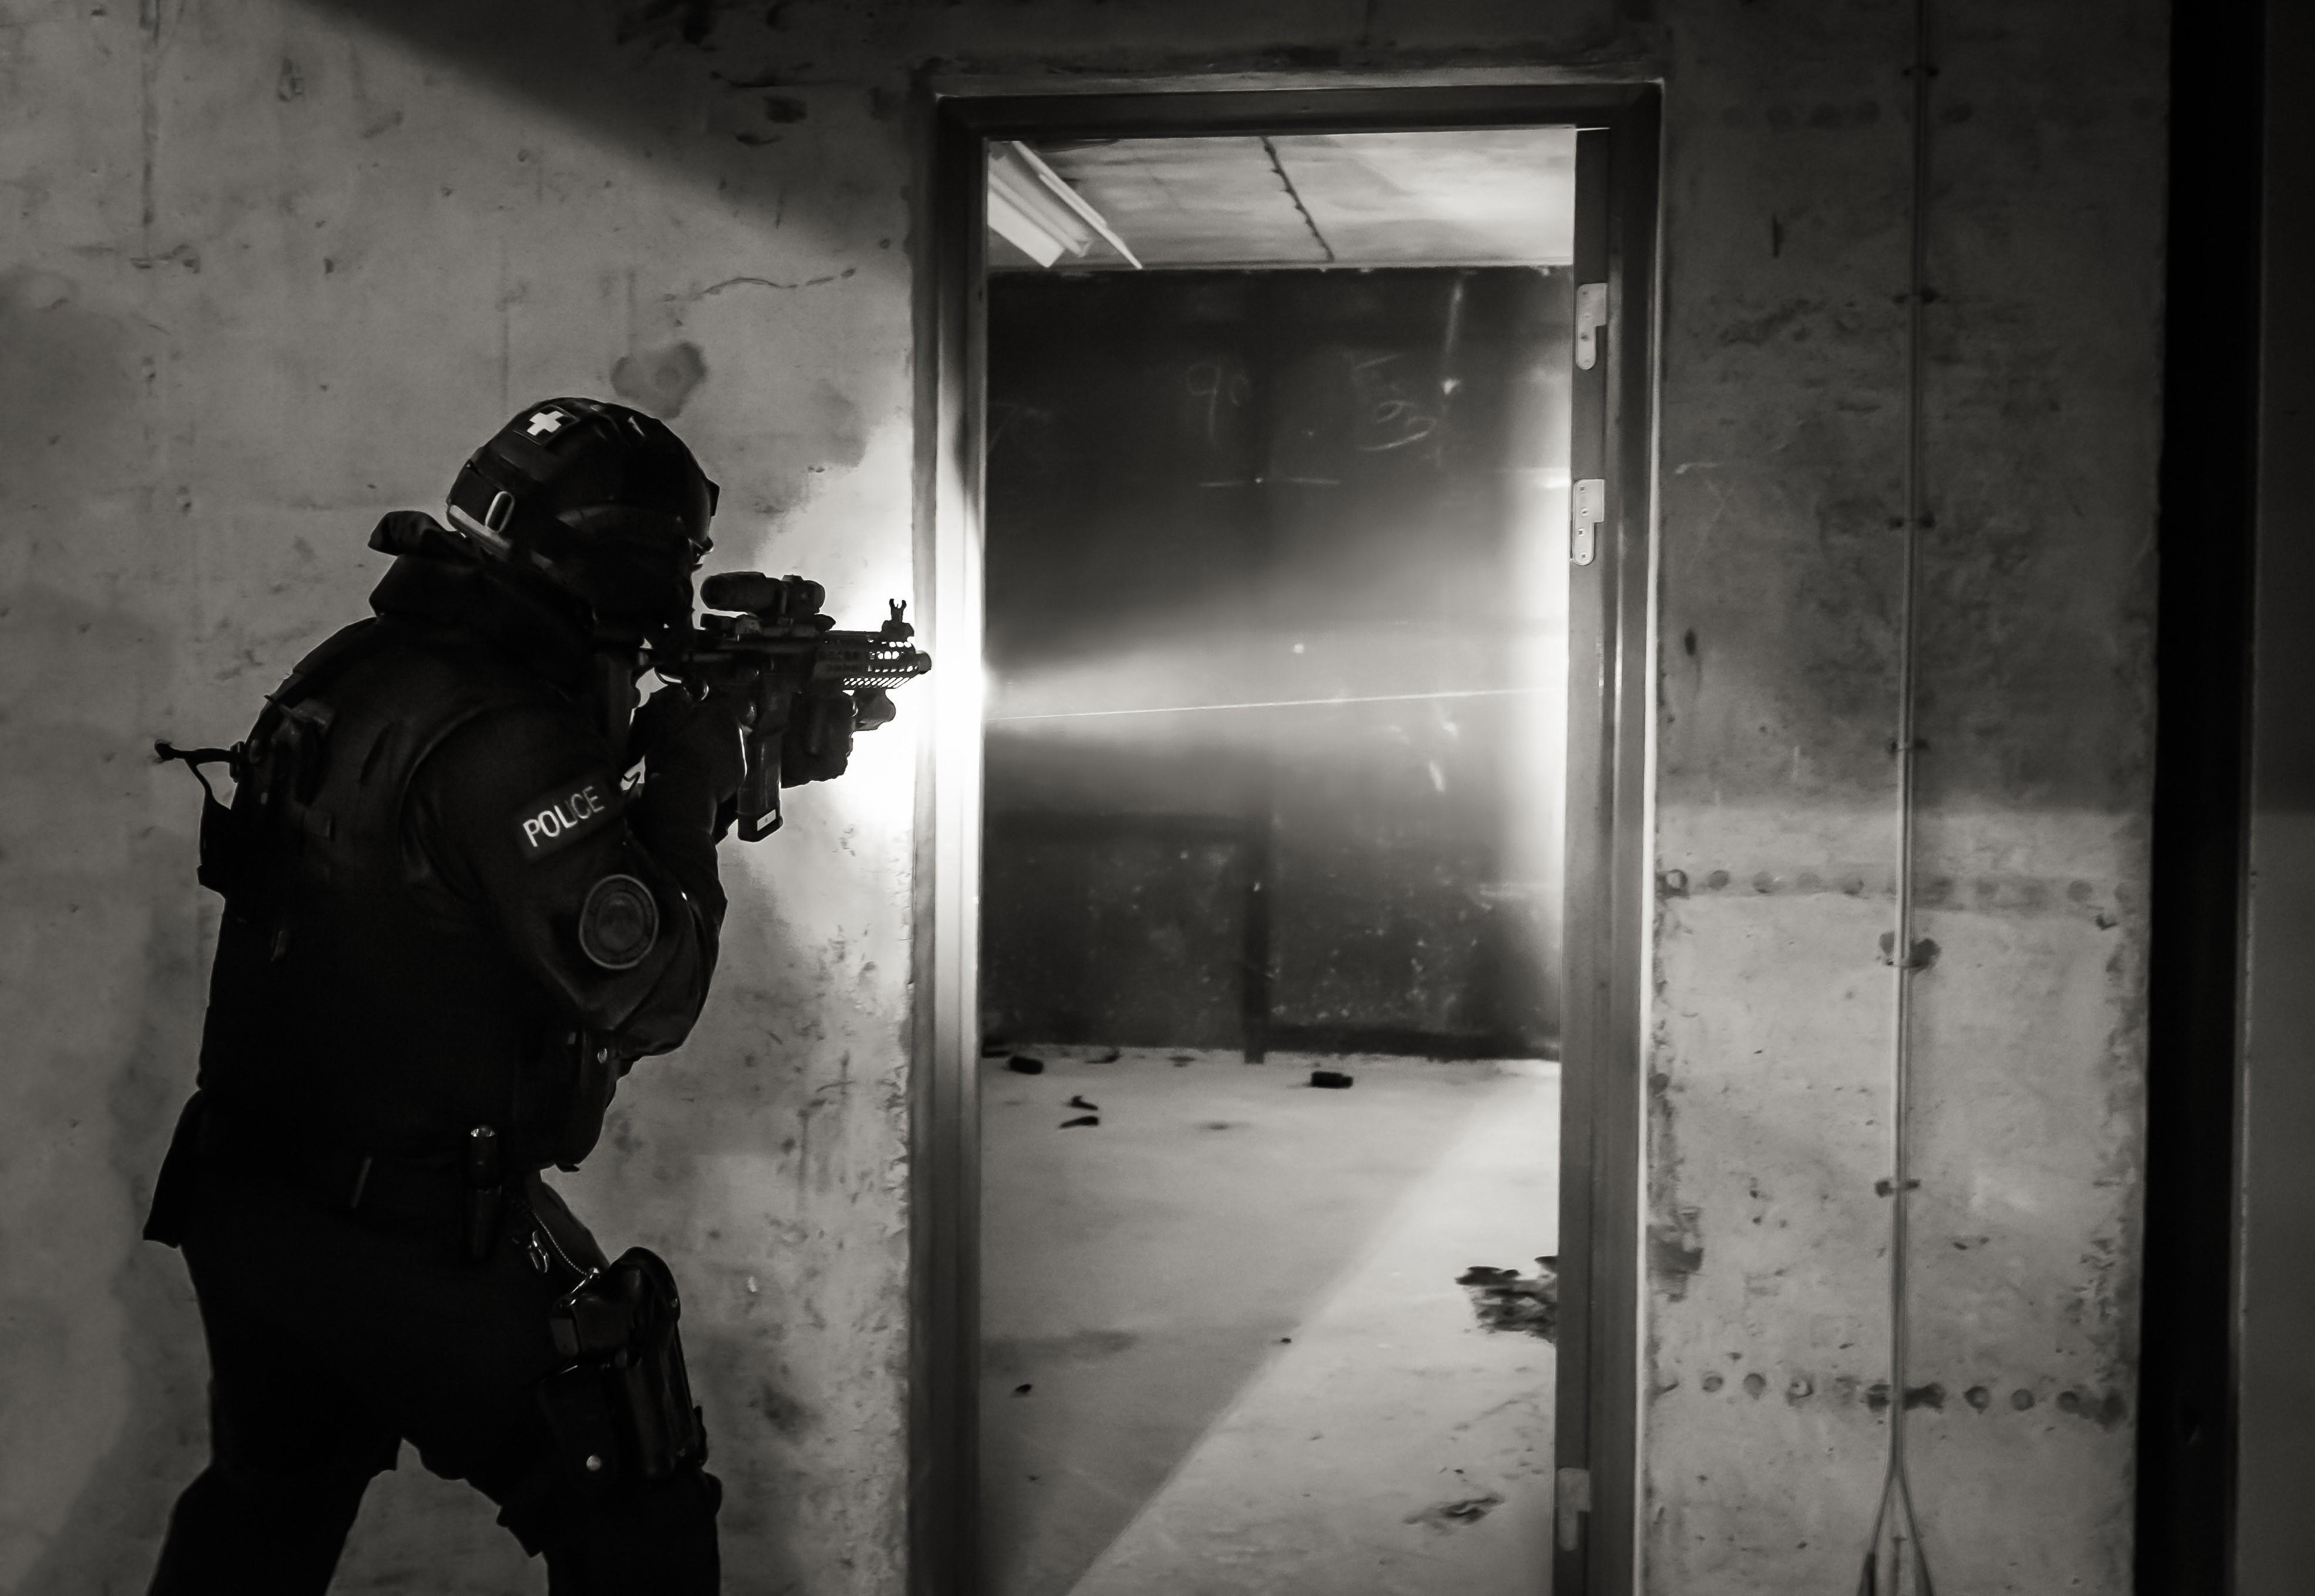 سوف ارتداء الأسلحة النارية الشرطة Facebook- كاميرات الجسم المقدمة خلال الدورات التدريبية